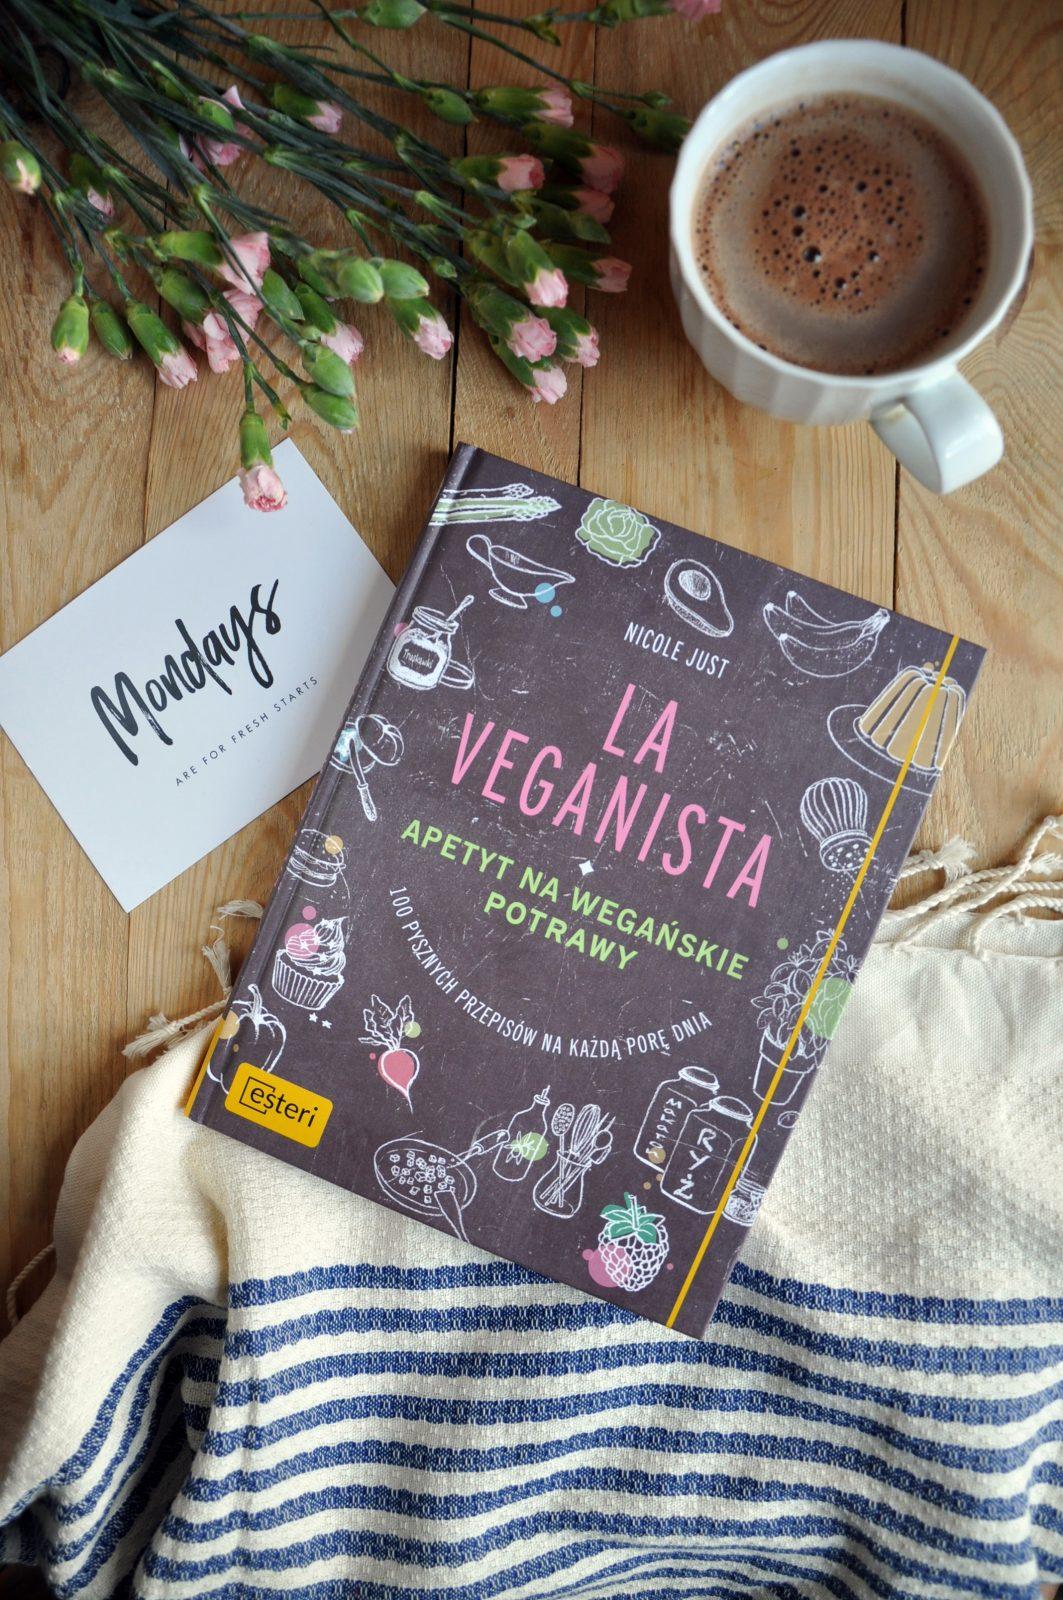 Just Nicole: La Veganista. Apetyt na wegańskie potrawy. RECENZJA + KONKURS